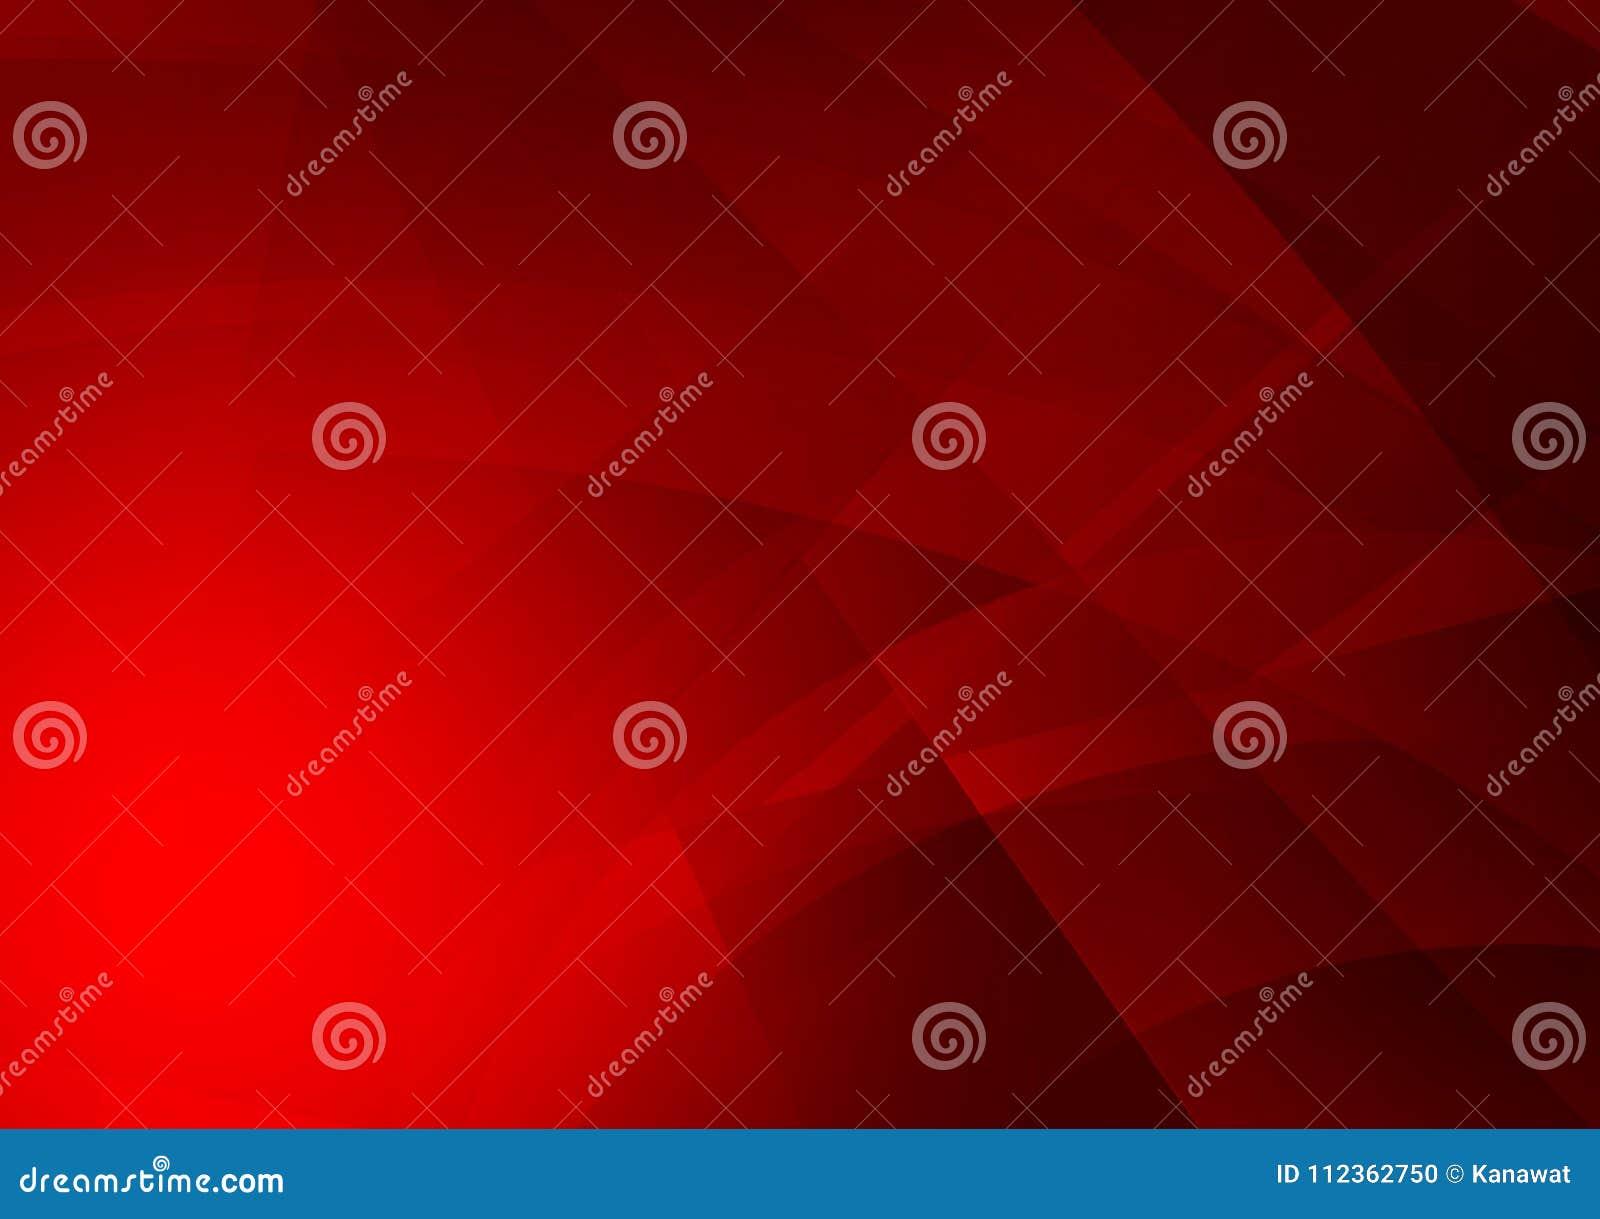 Rote Farbgeometrischer abstrakter Hintergrund, Grafikdesign